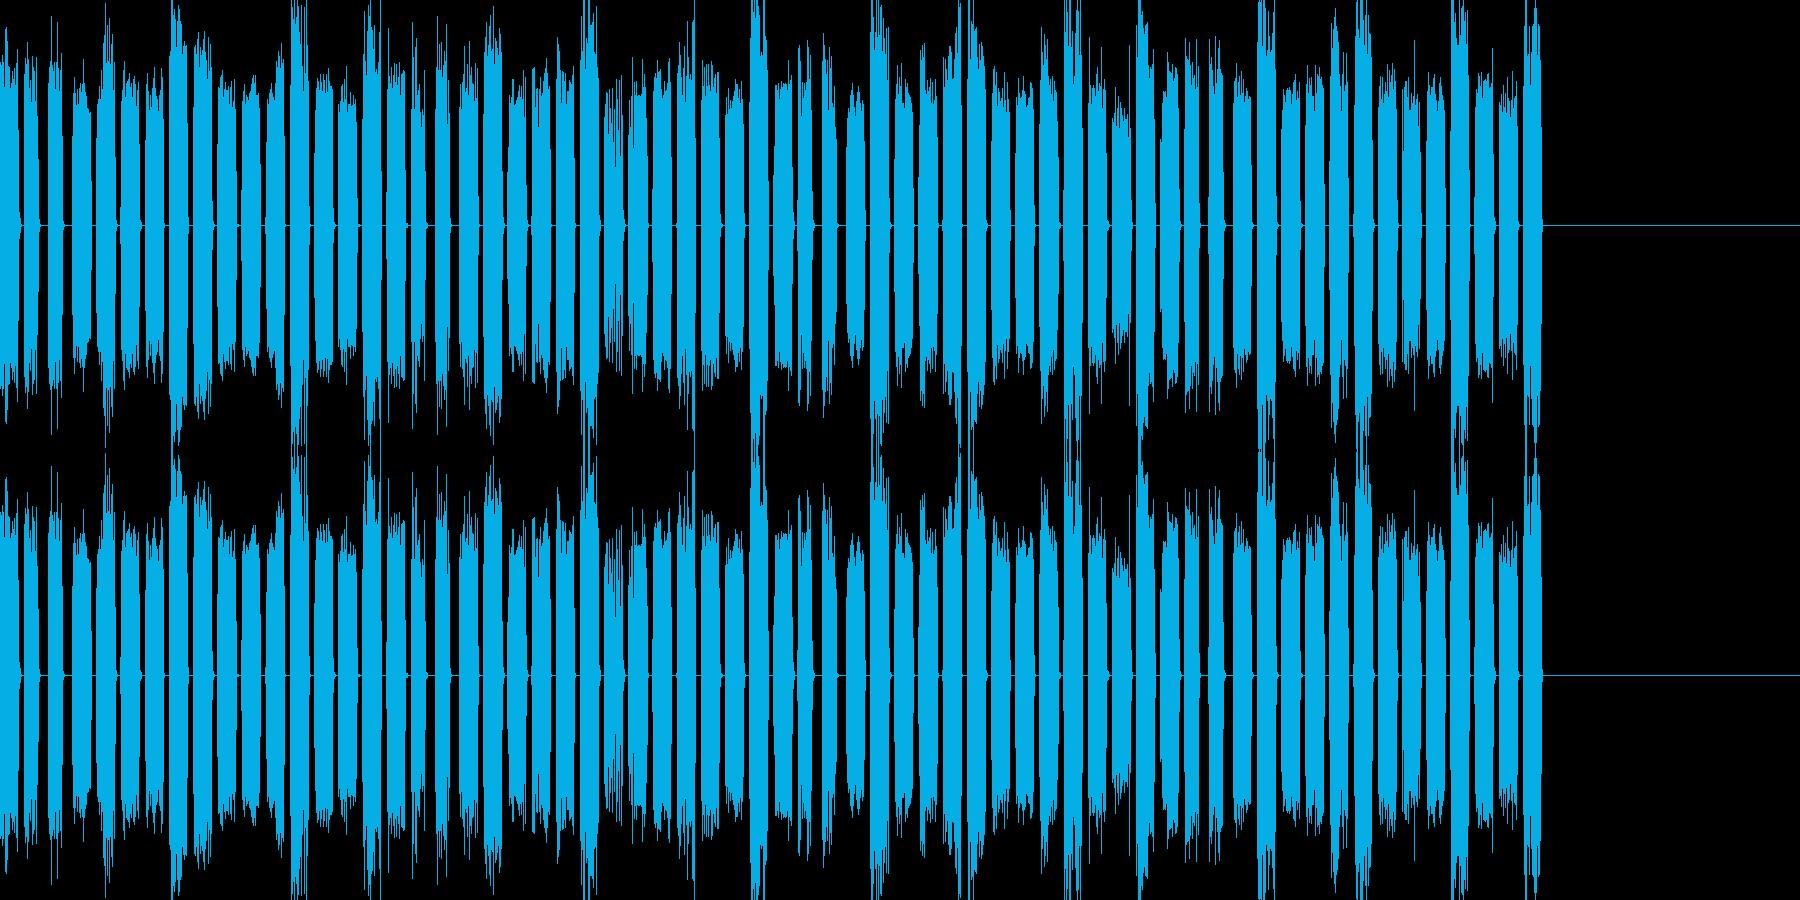 ロボット音03の再生済みの波形